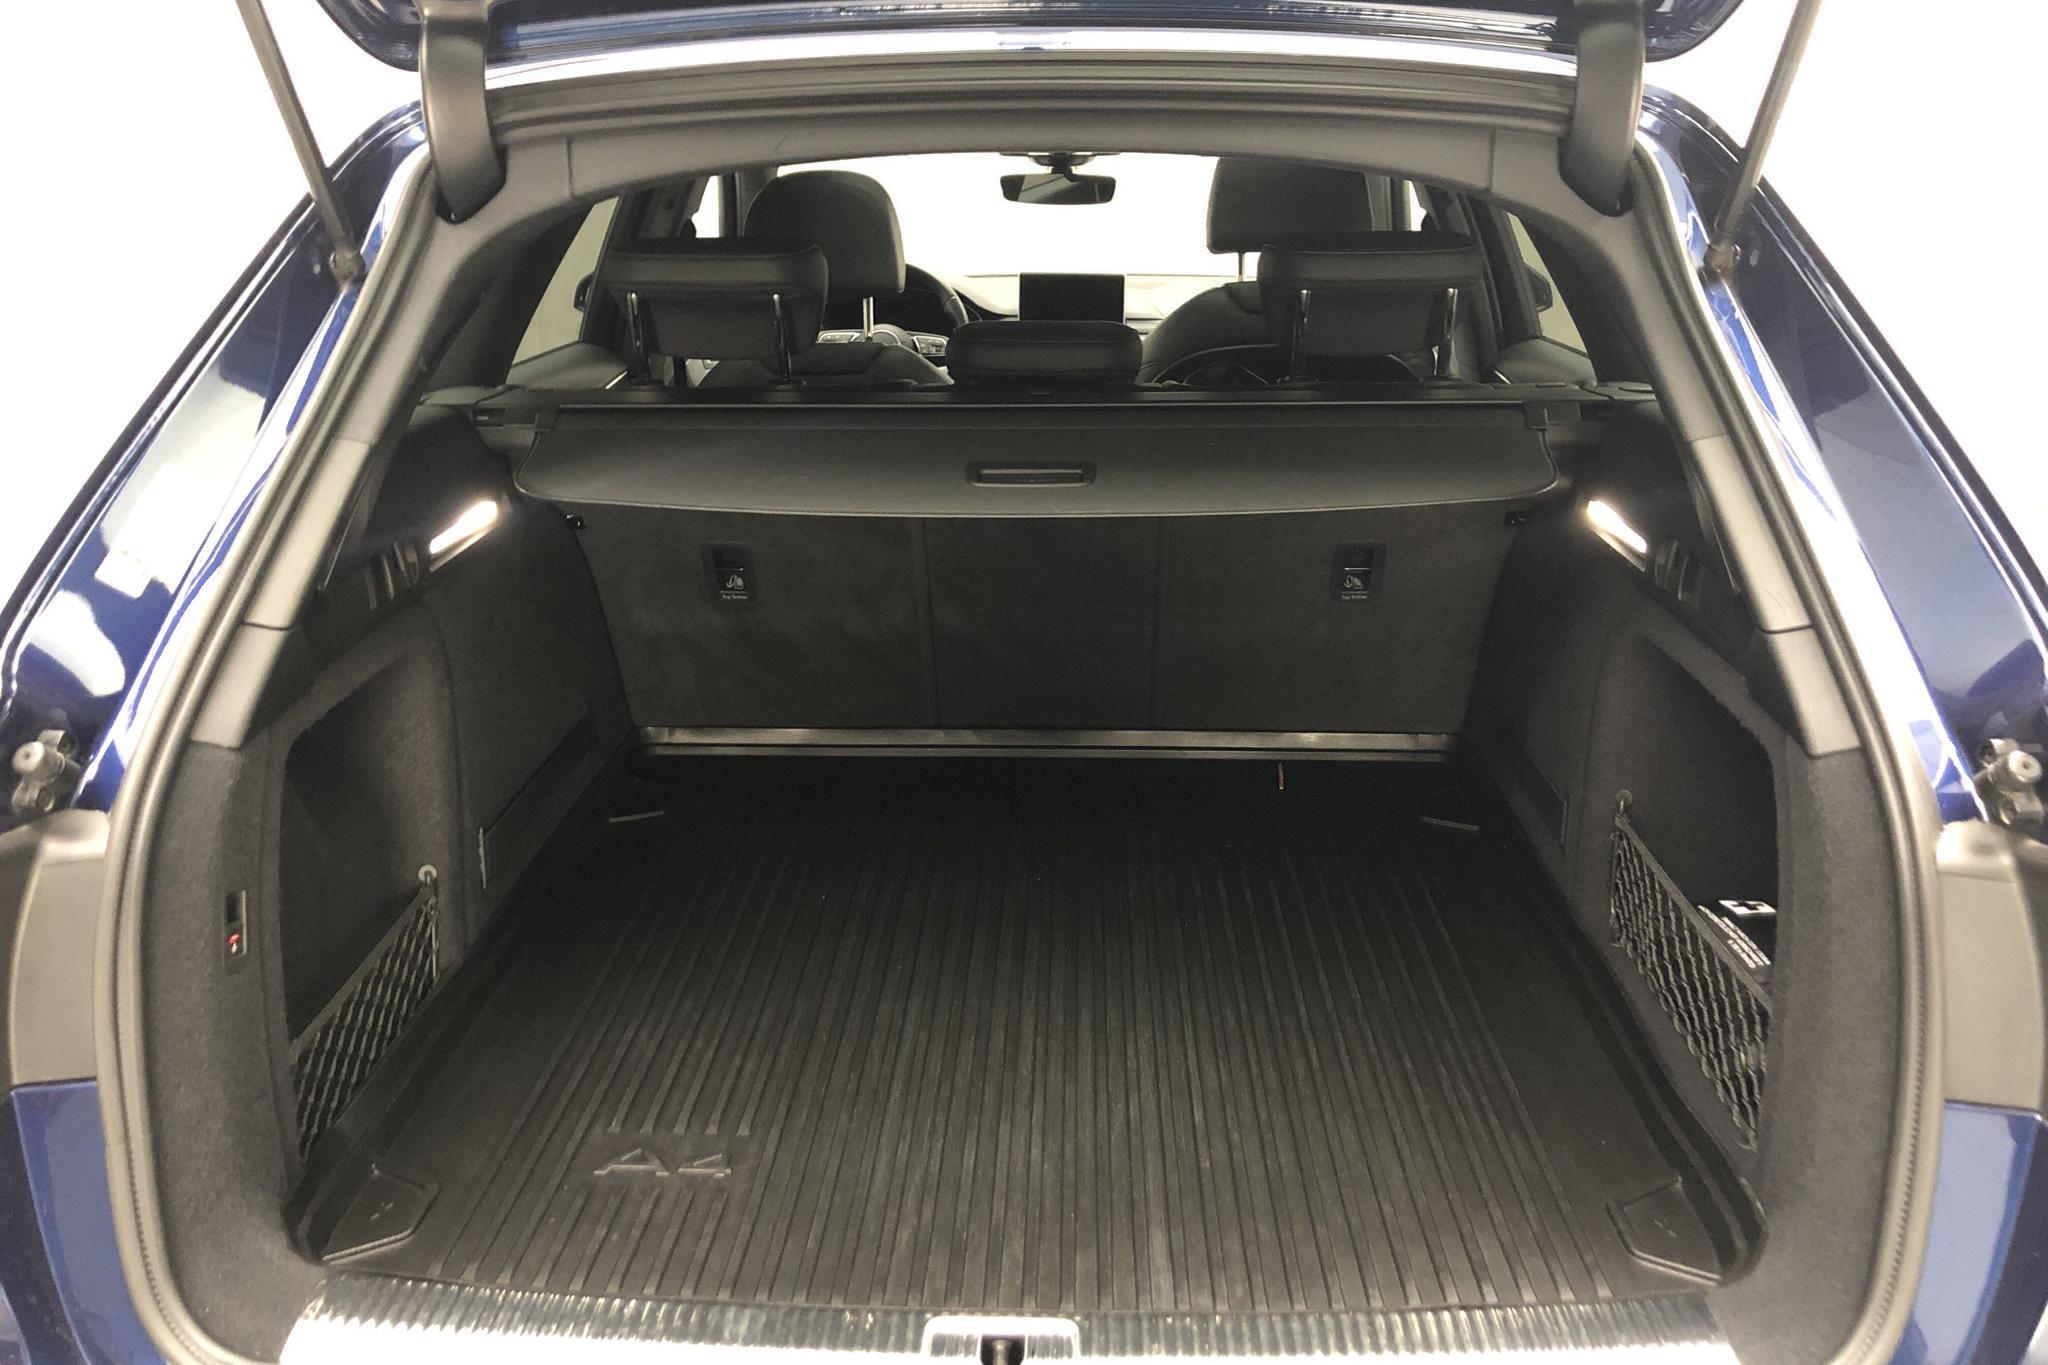 Audi A4 2.0 TDI Avant quattro (190hk) - 8 547 mil - Automat - blå - 2016